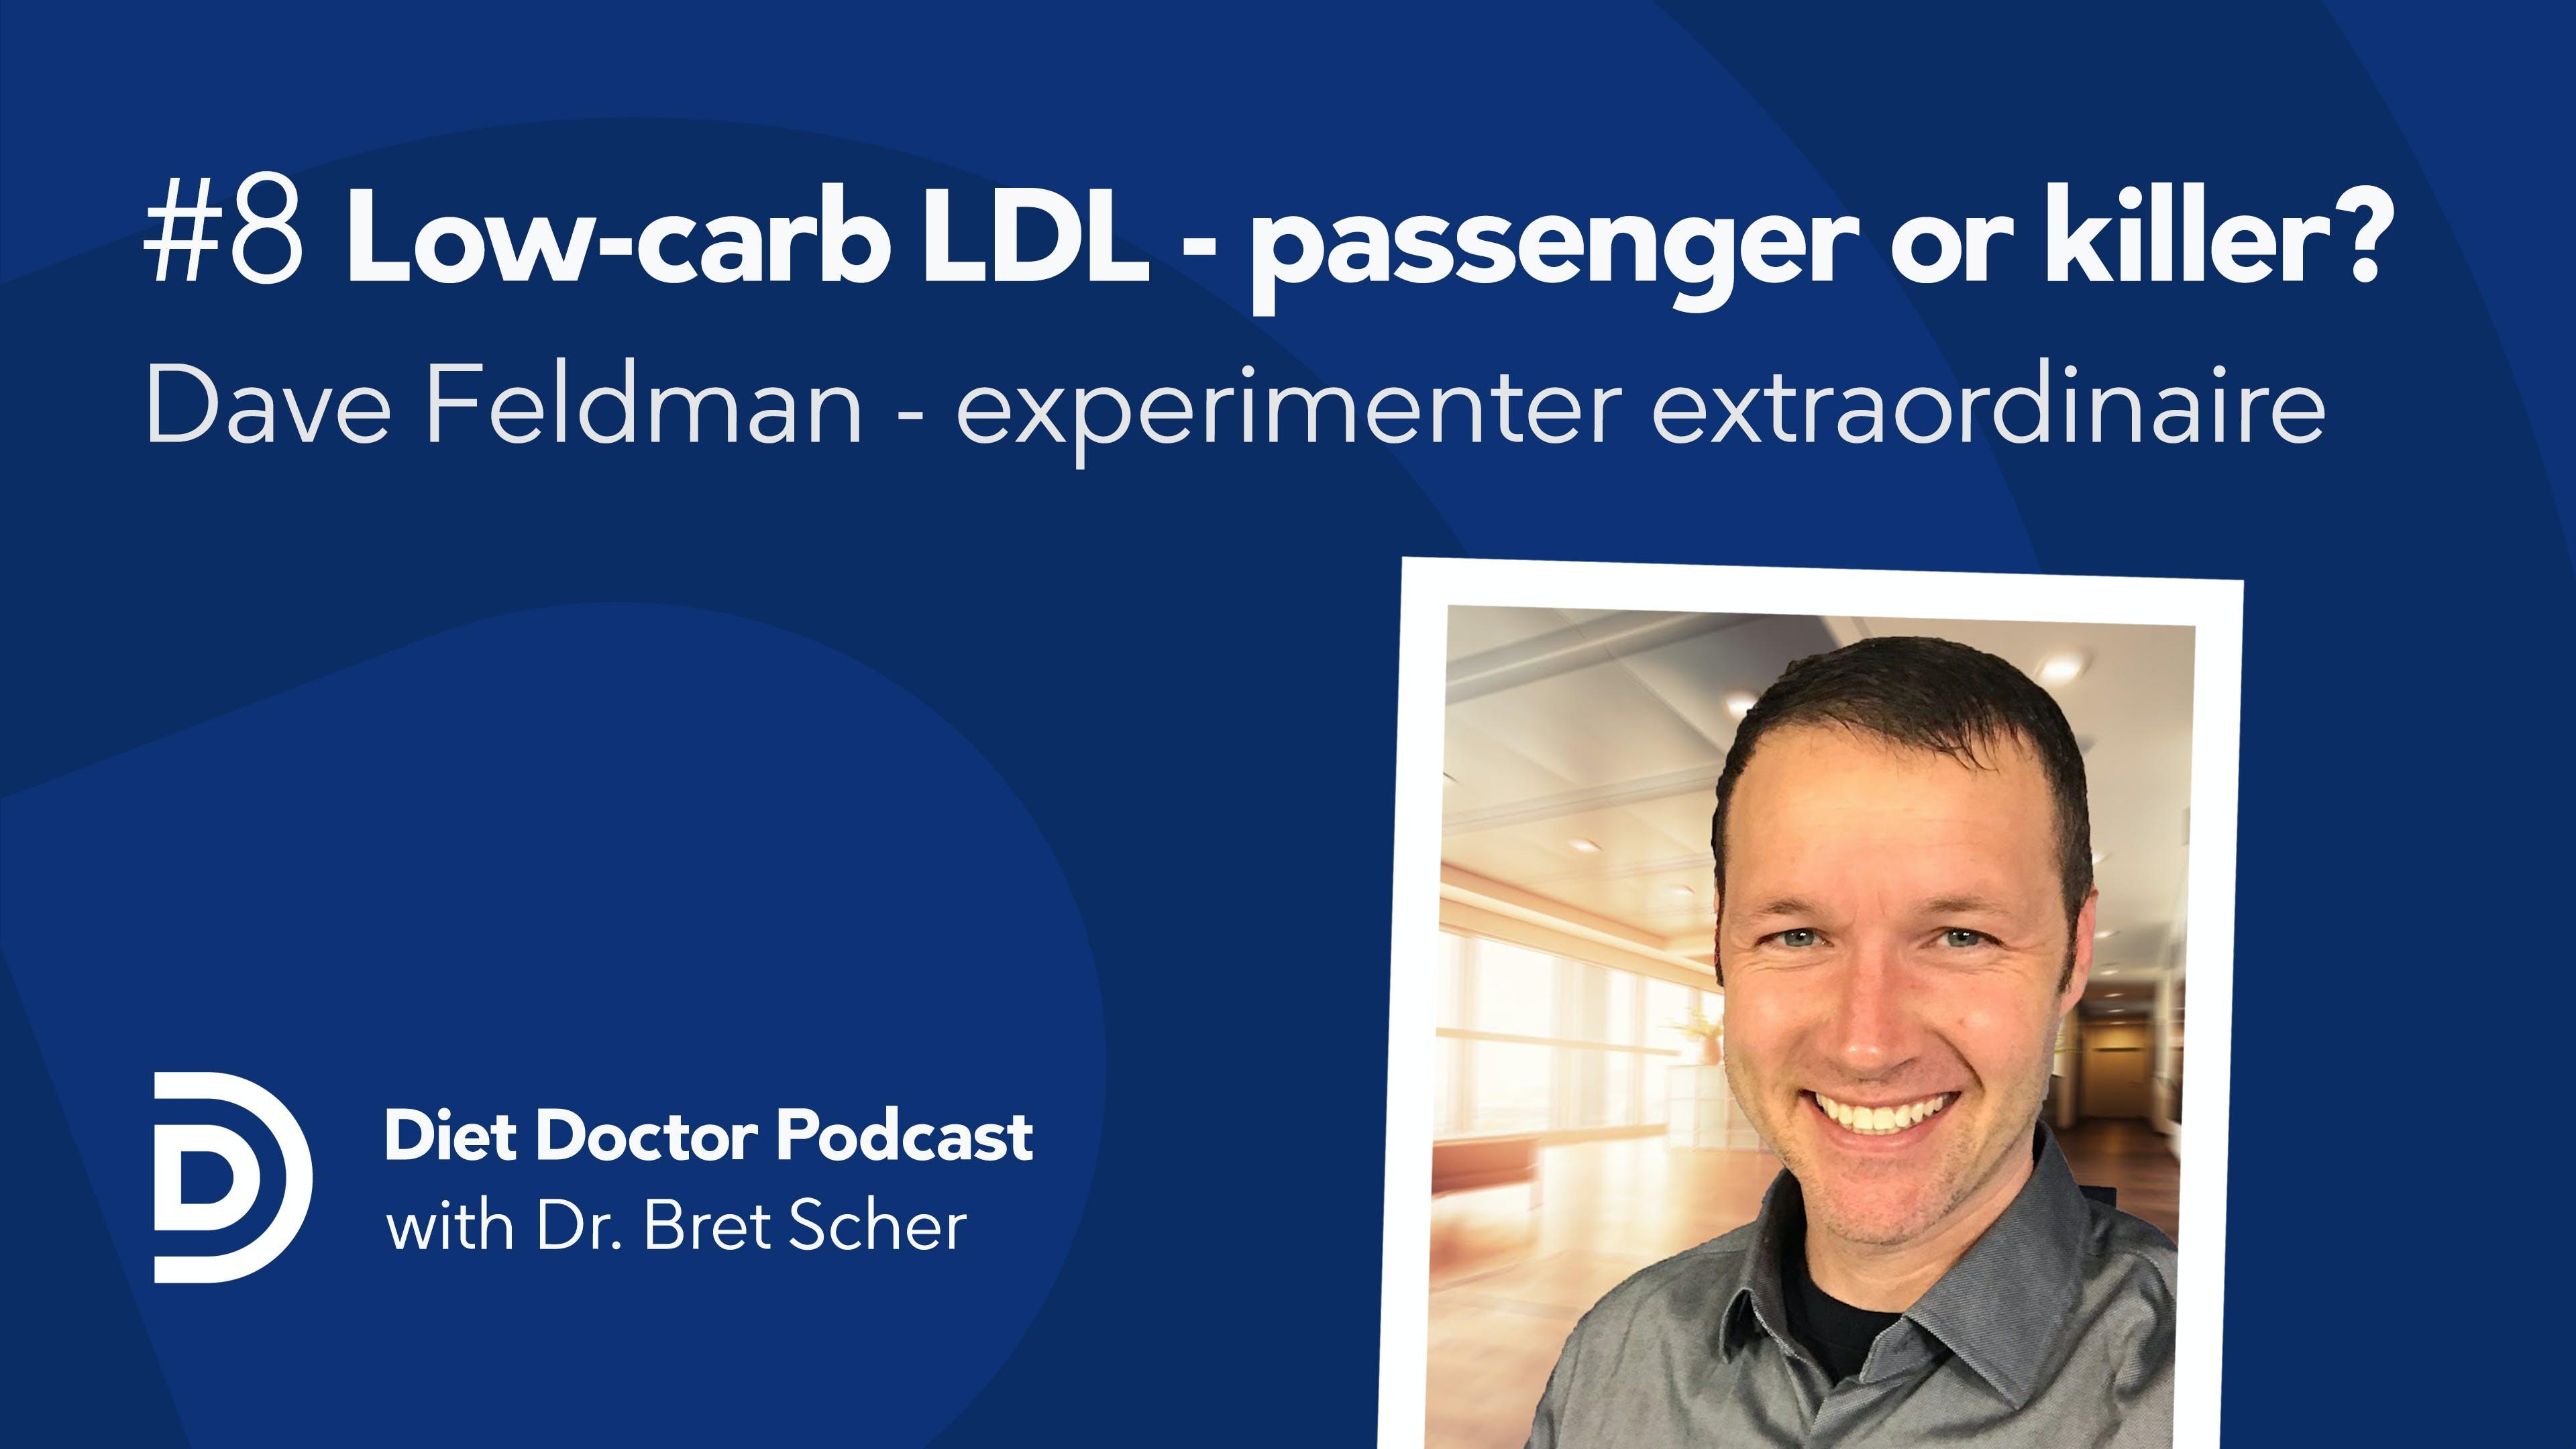 Diet Doctor podcast #8 – Dave Feldman